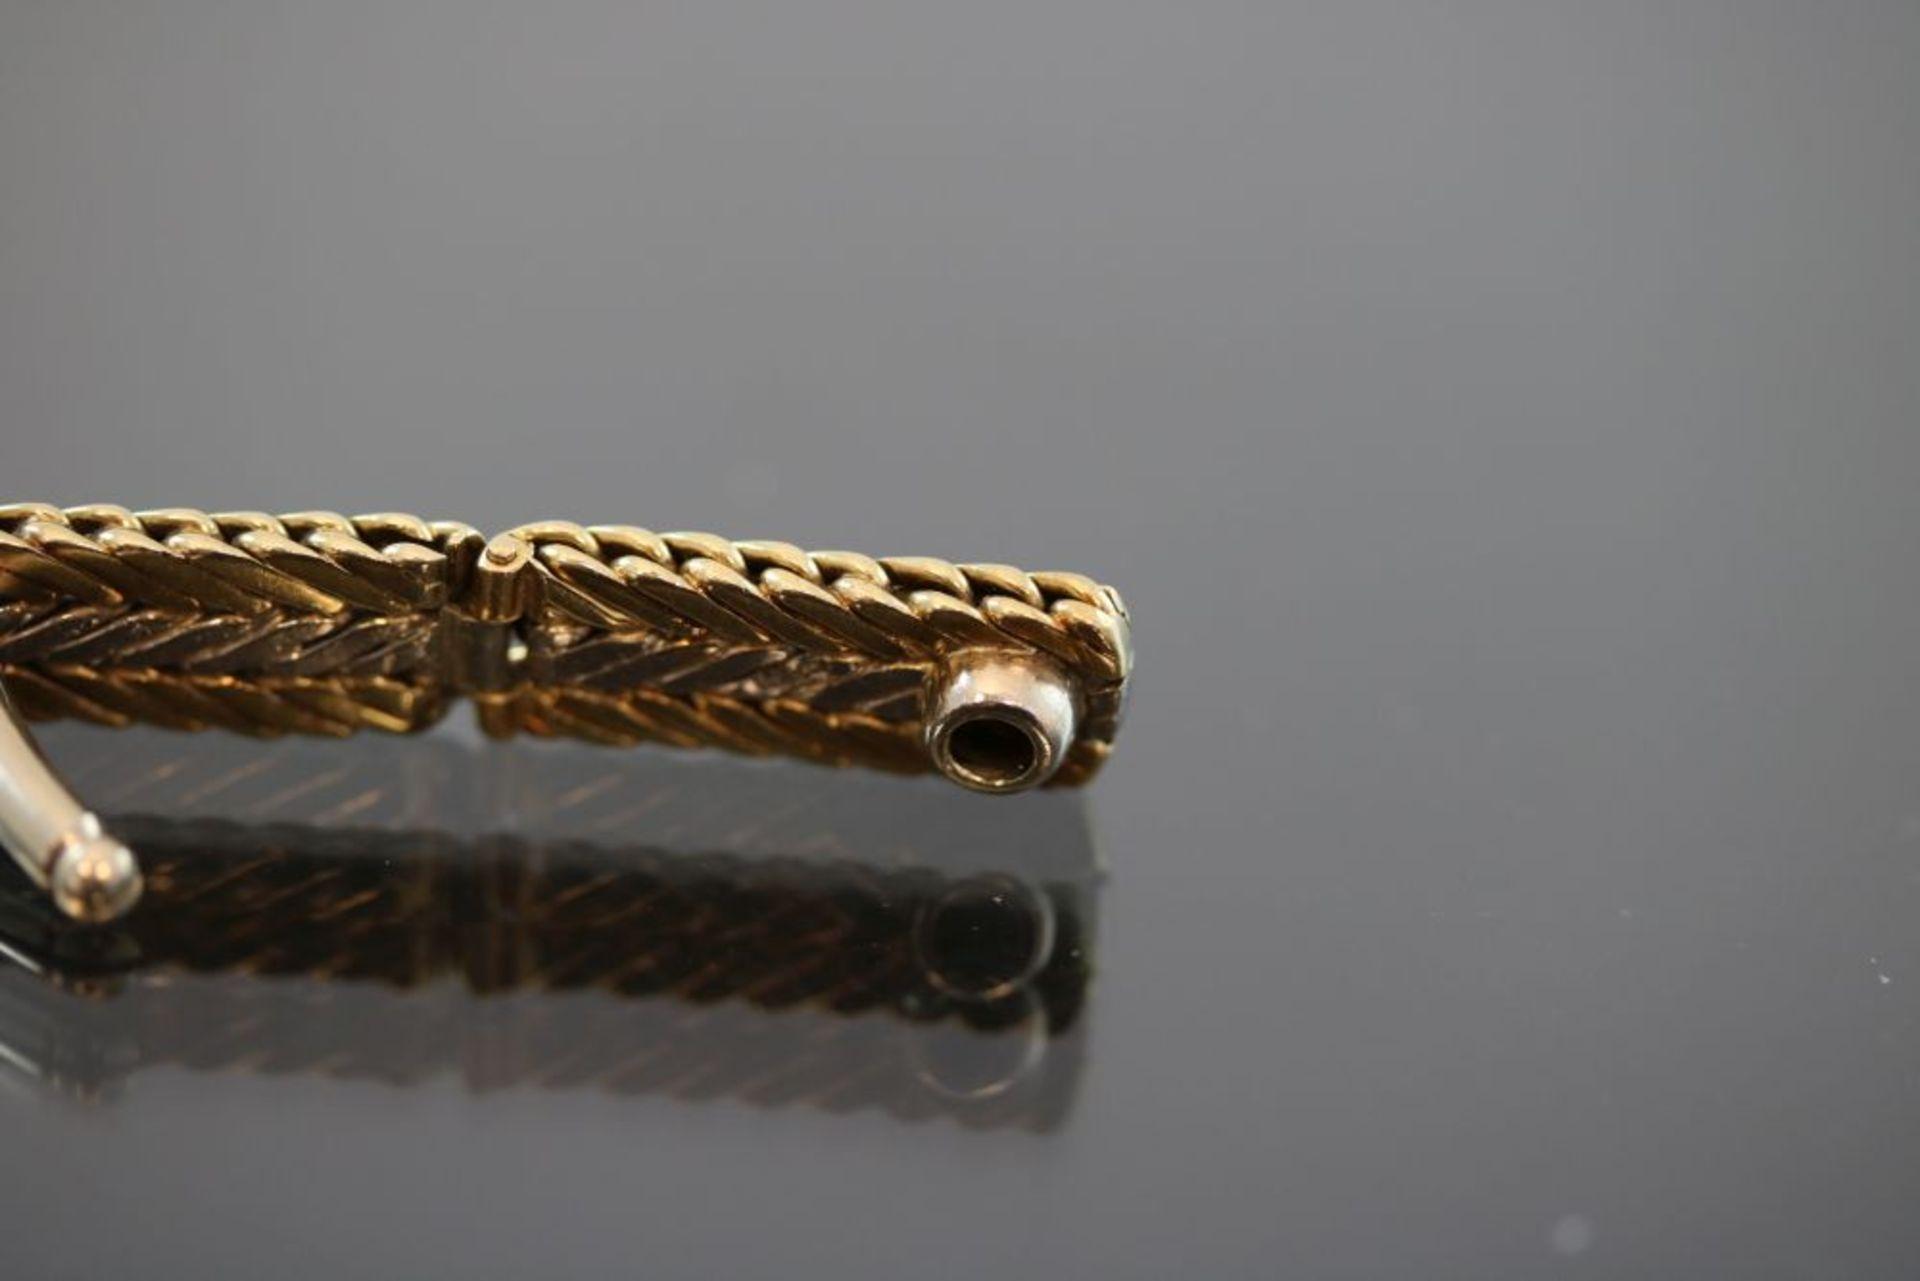 Manschettenknöpfe, 585 Gold - Bild 3 aus 3